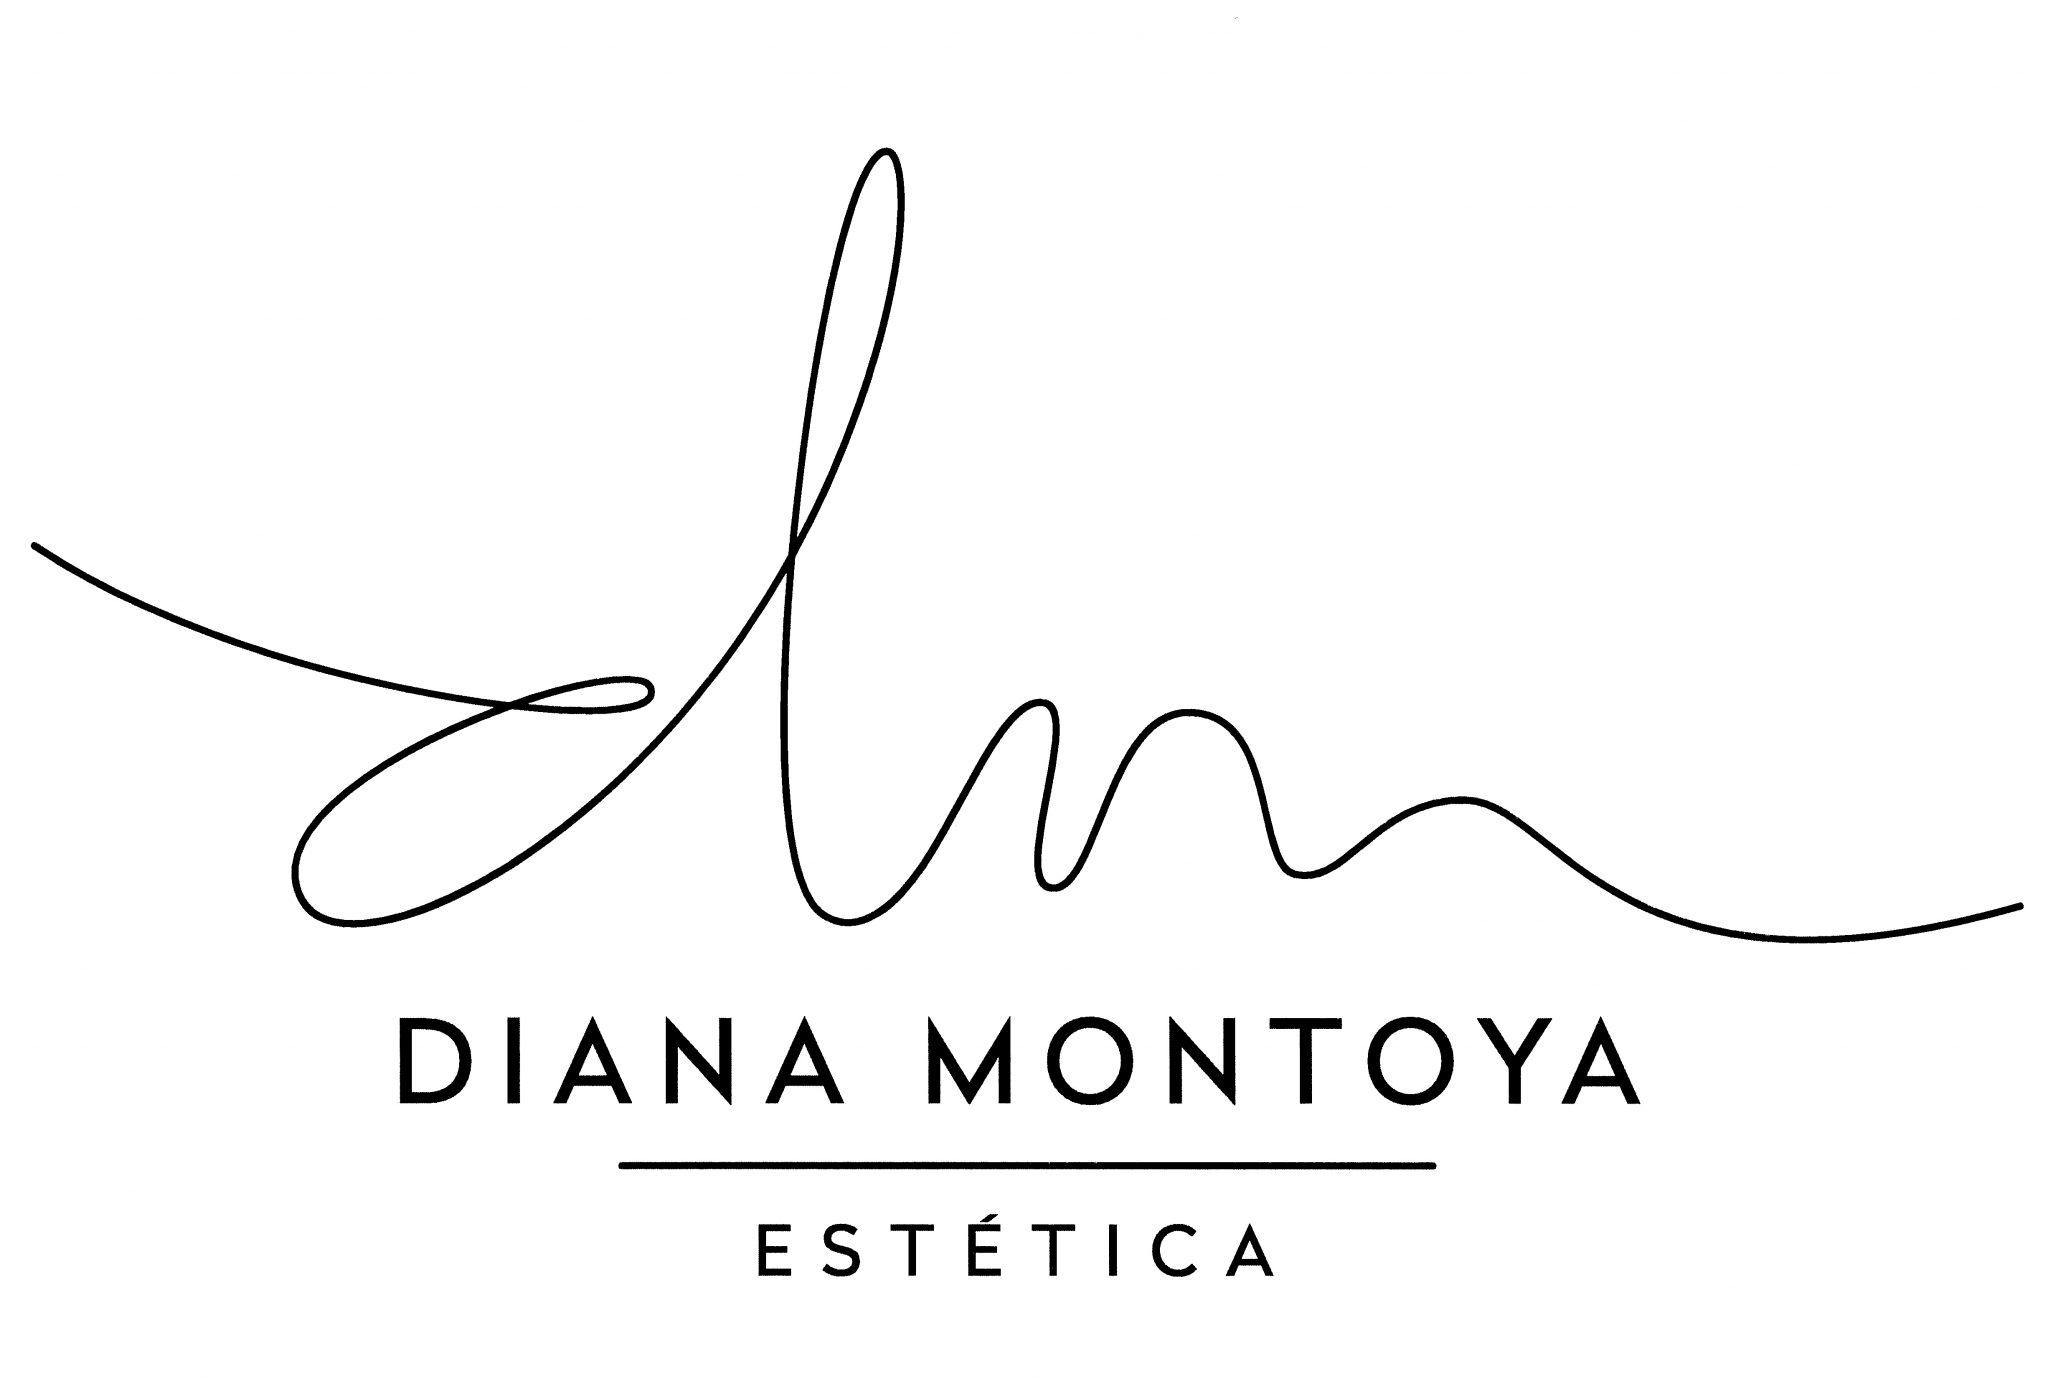 Diana Montoya Estética